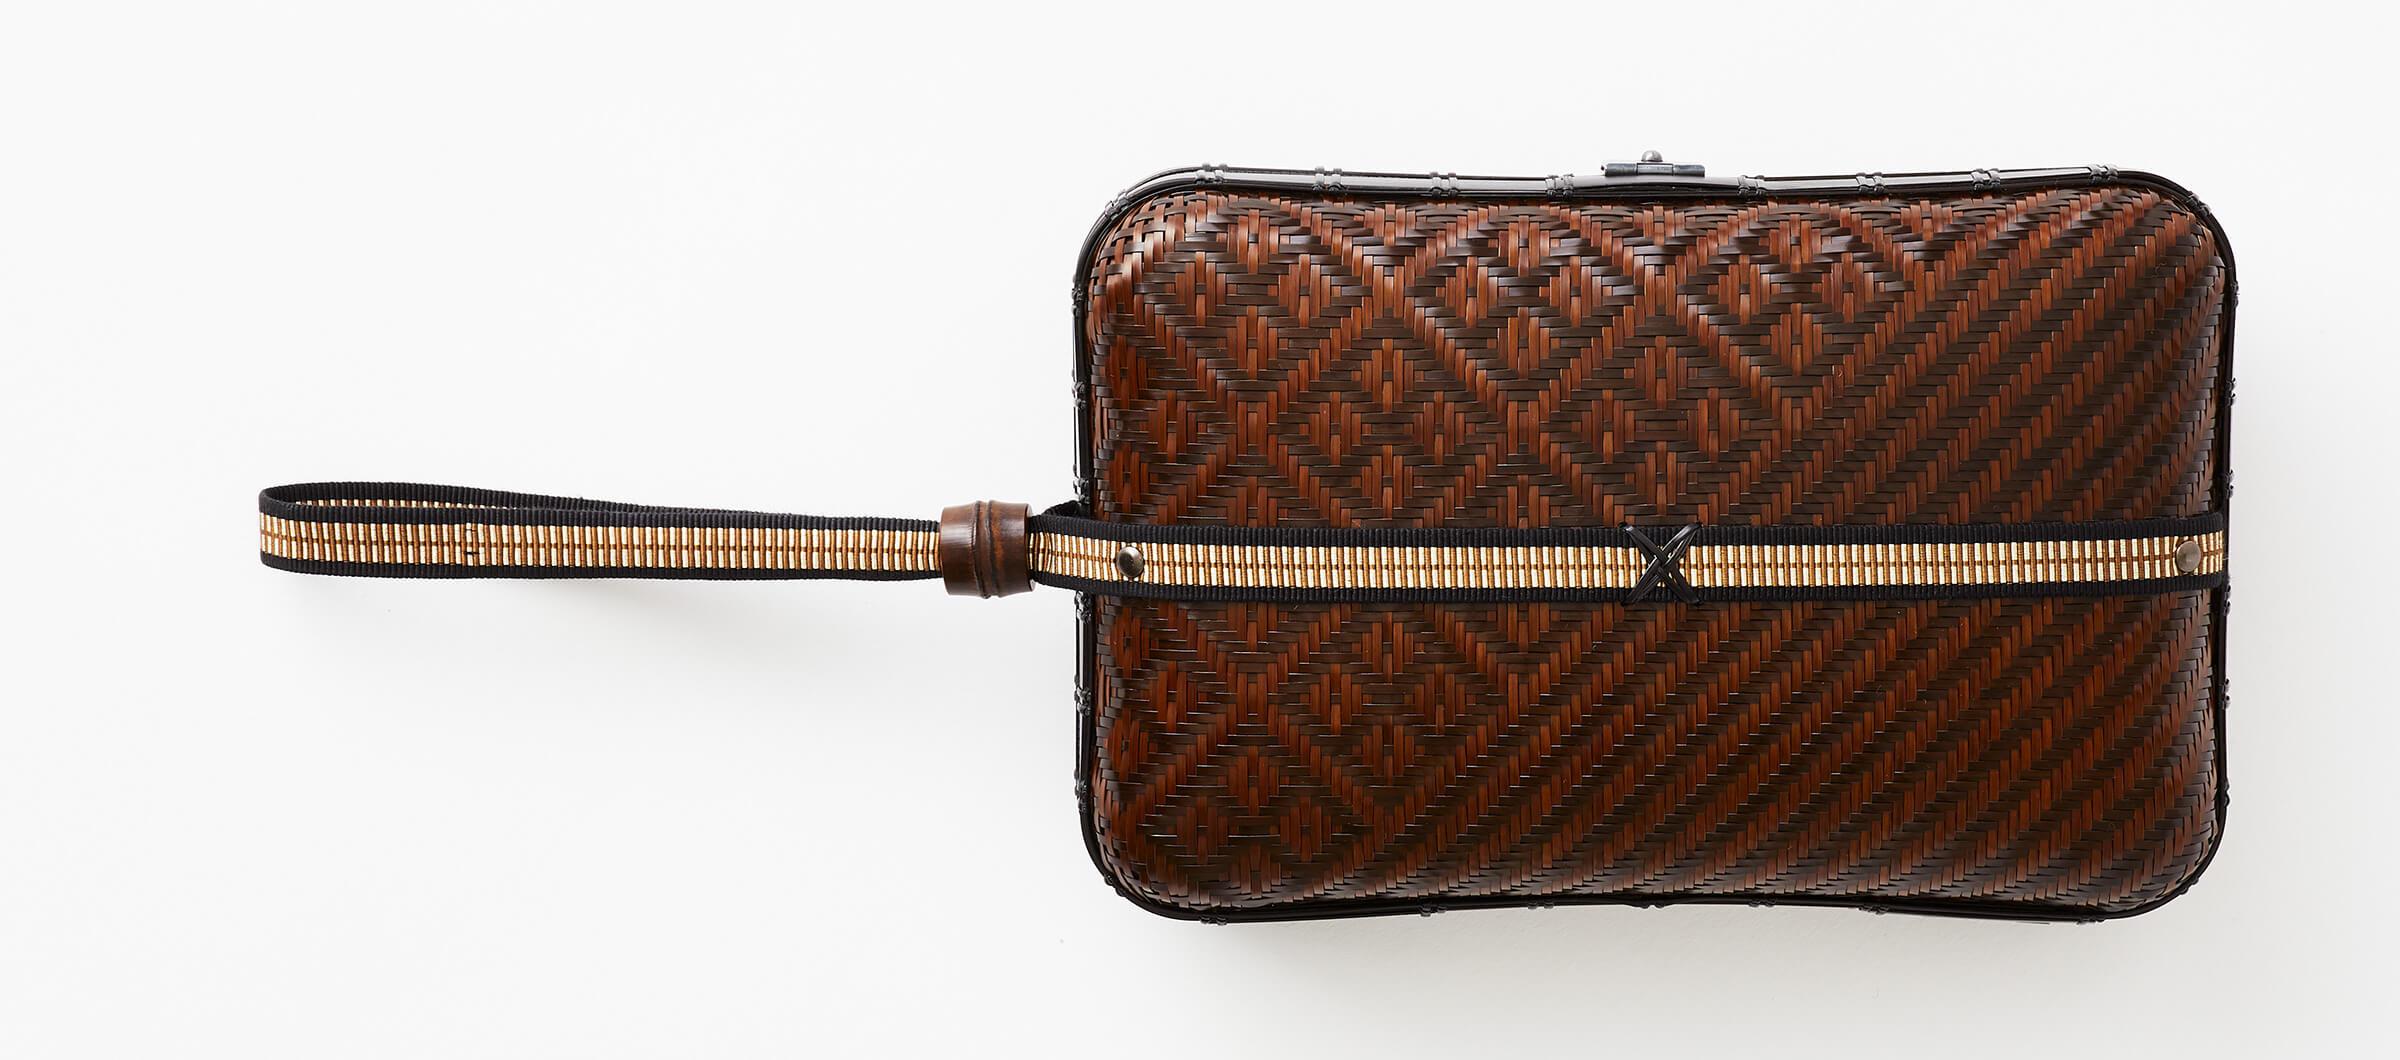 Weaving like a wickerwork pattern second bag